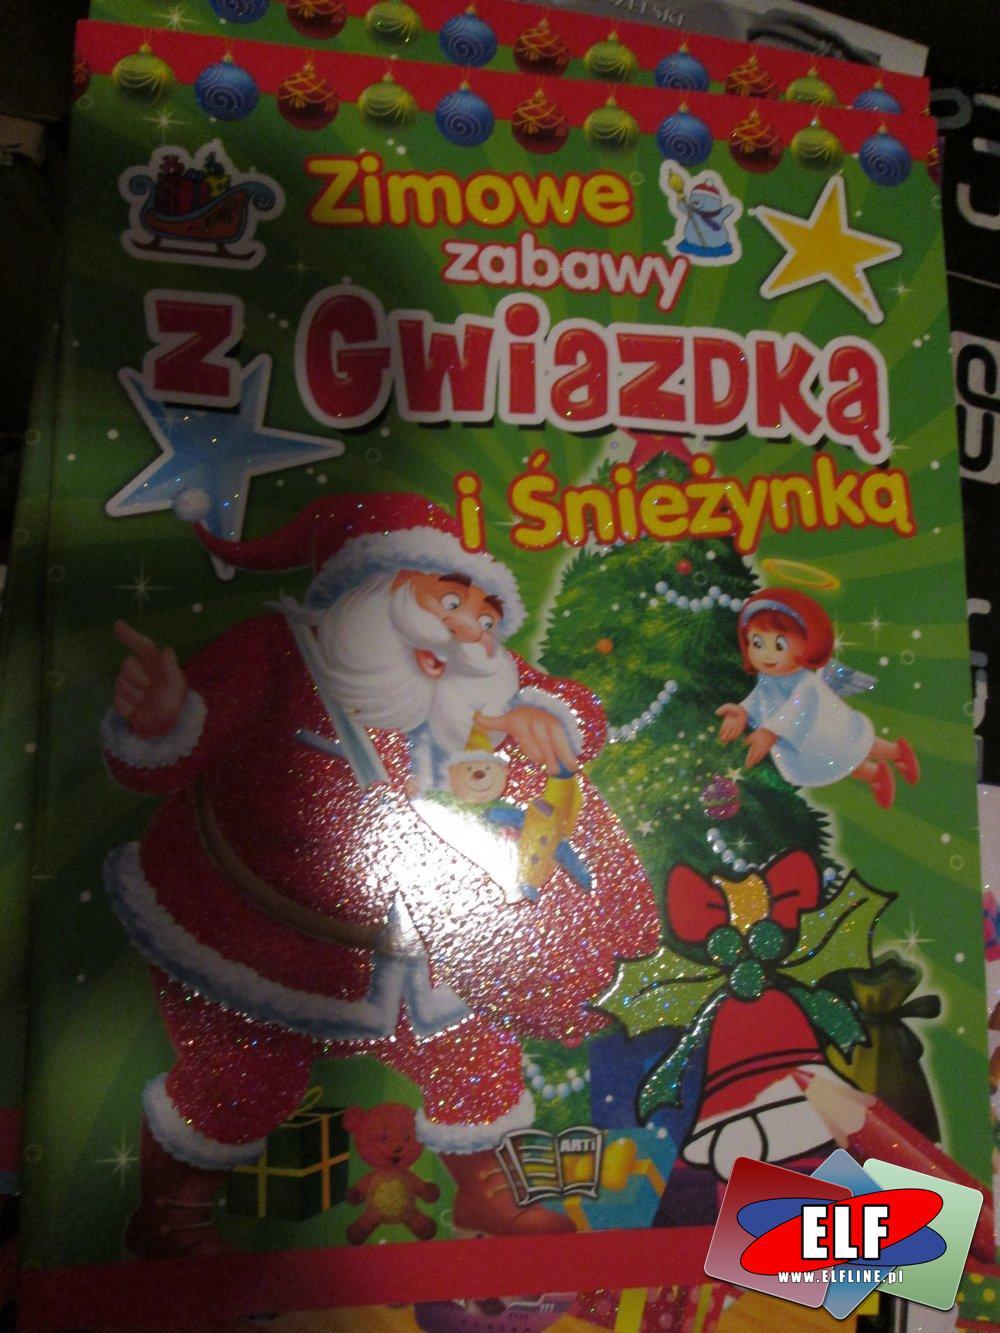 Naklejki i Kolorowanki, Zimowe zabawy: Z mikołajem i Bałwankiem, Gwiazdką i Śnieżynką i inne, Naklejki, Kolorowanki i inne